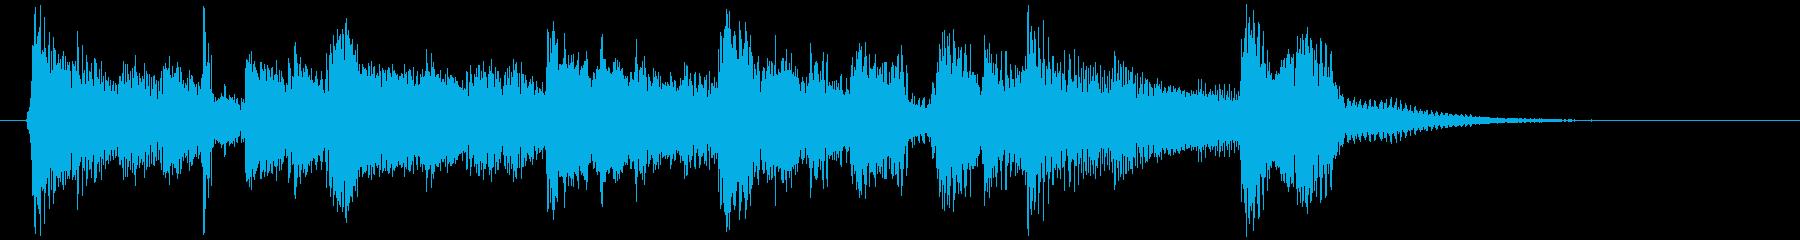 アコギによる爽やかなサウンドロゴの再生済みの波形